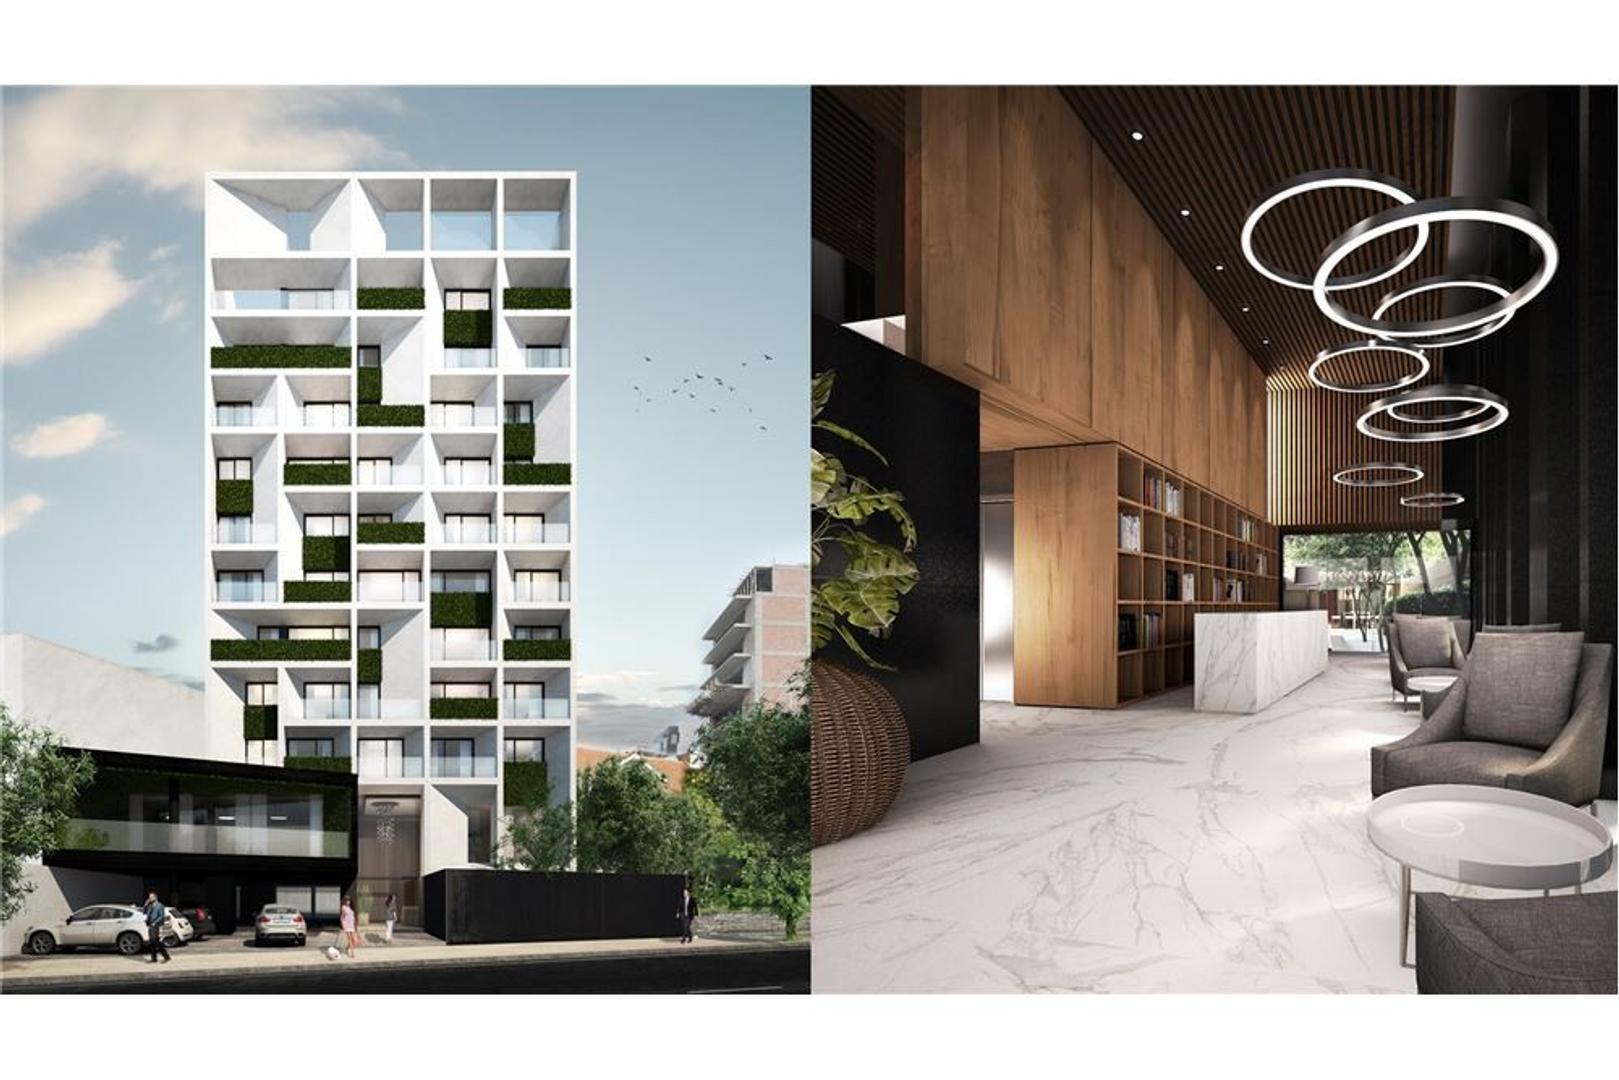 Departamento - 48 m² | 1 dormitorio | 3 años